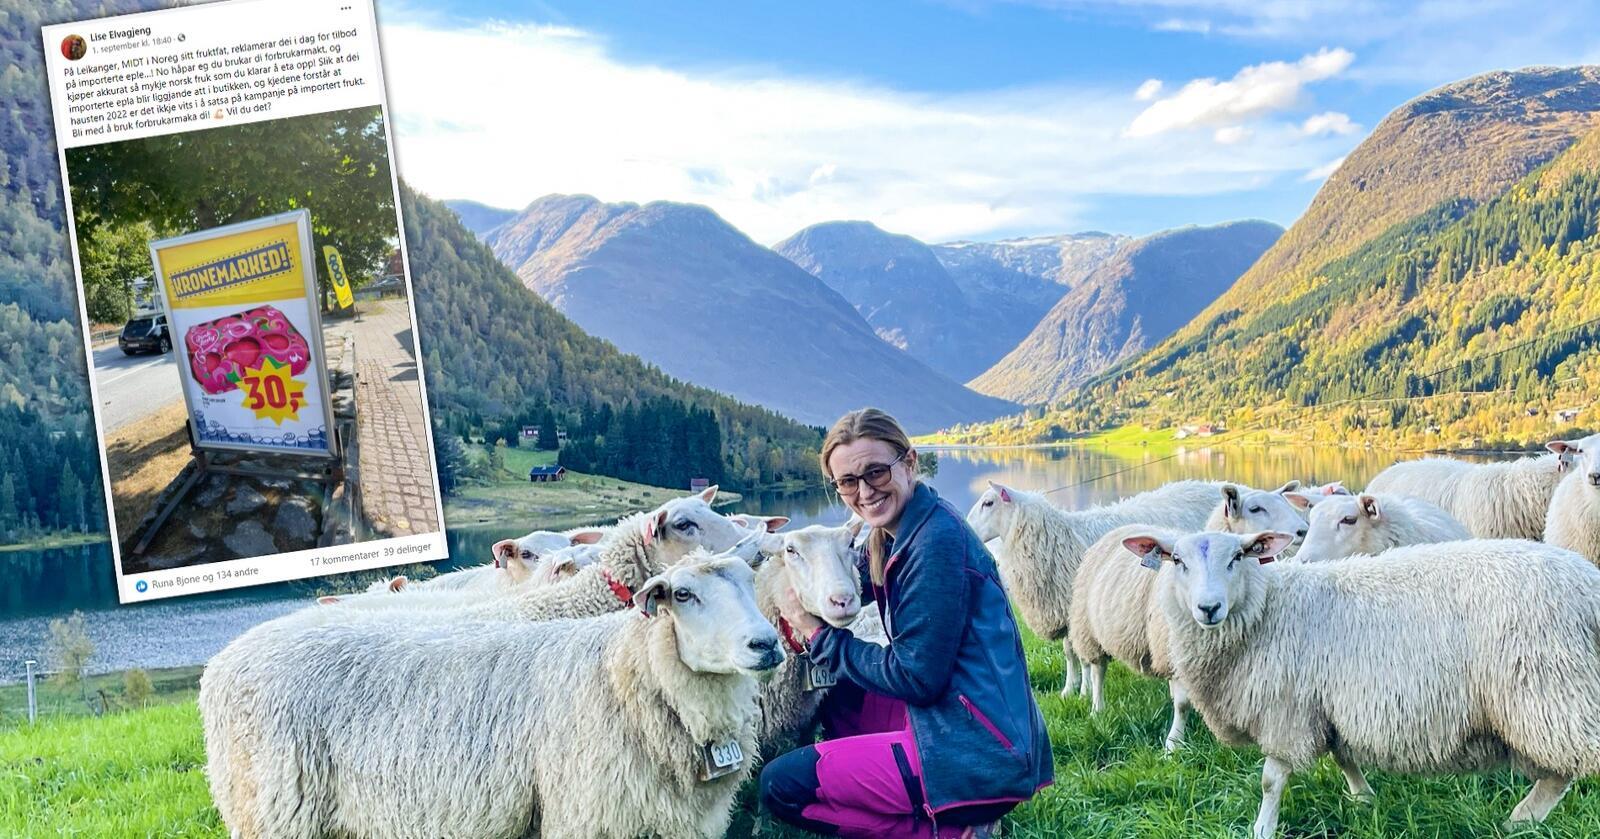 Meningsløst: Lise Elvagjeng er sauebonde i Songdalsdalen, landbruksrådgiver og tillitsvalgt i Nortura. Da hun så en kampanje for importerte epler midt i norsk sesong, reagerte hun og delte en oppfordring på Facebook. (Foto: Privat)